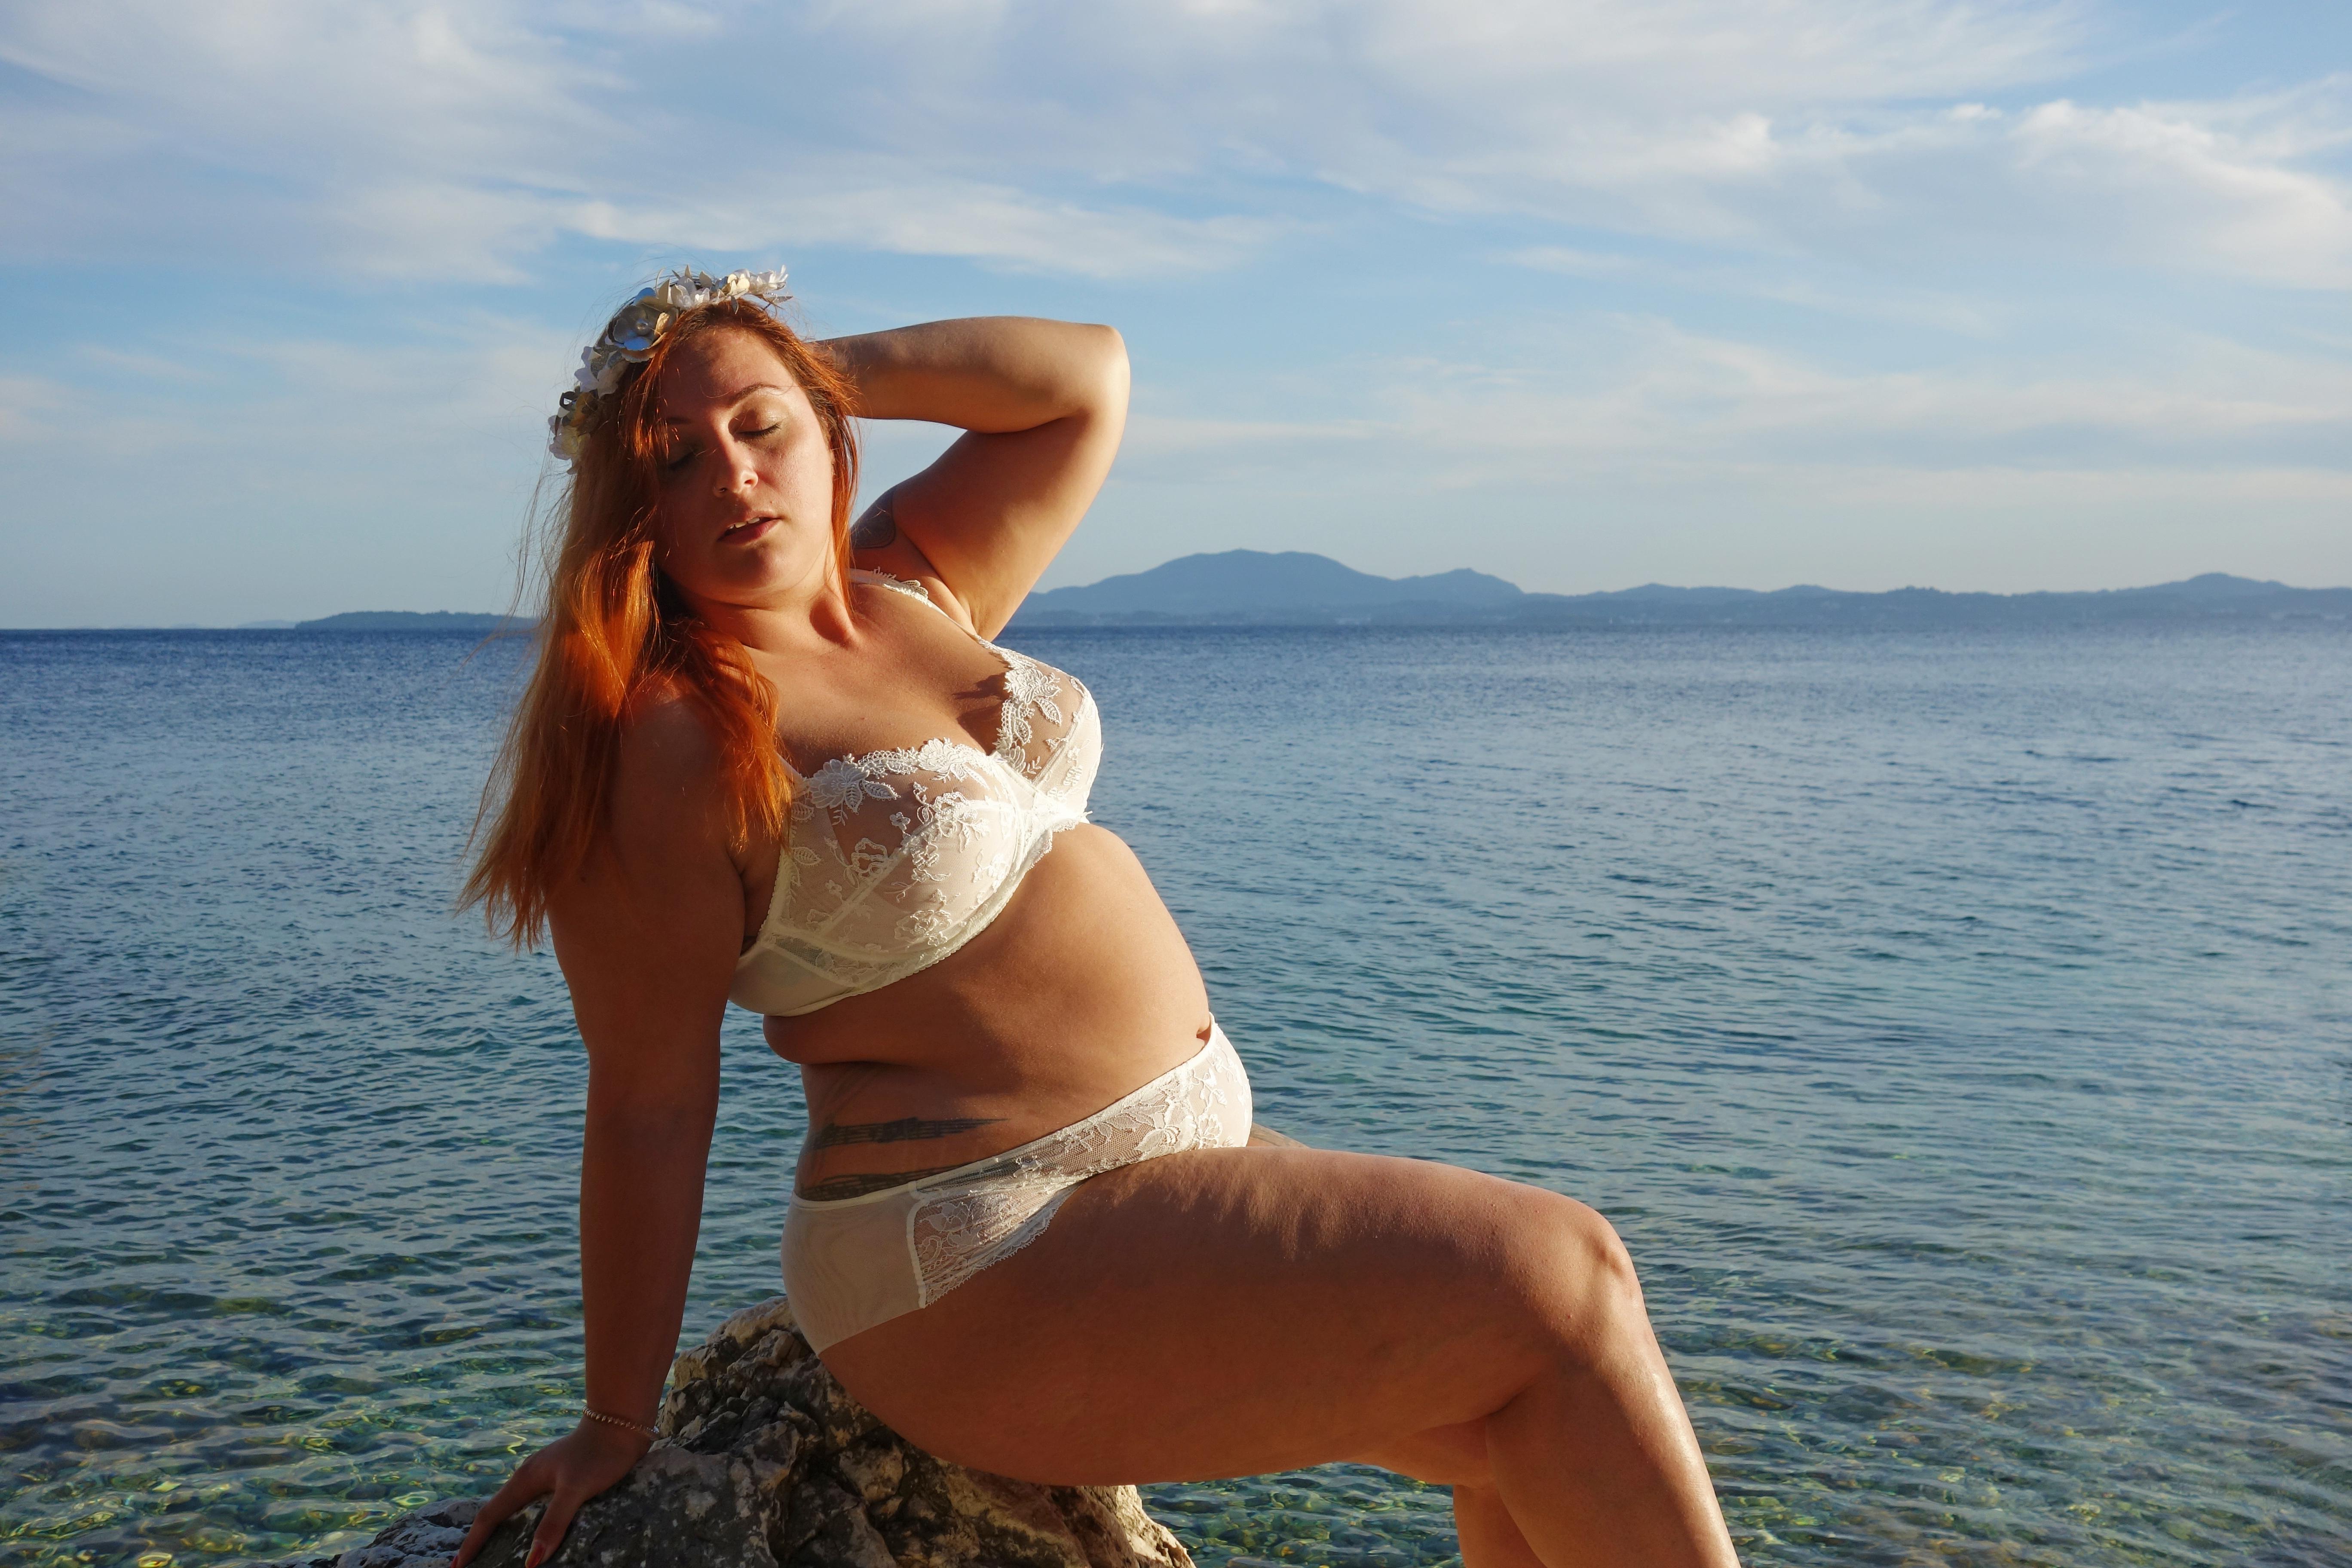 eprise-lise-charmel-le-salon-de-frivolites-blog-lingerie-grande-taille-sirene2